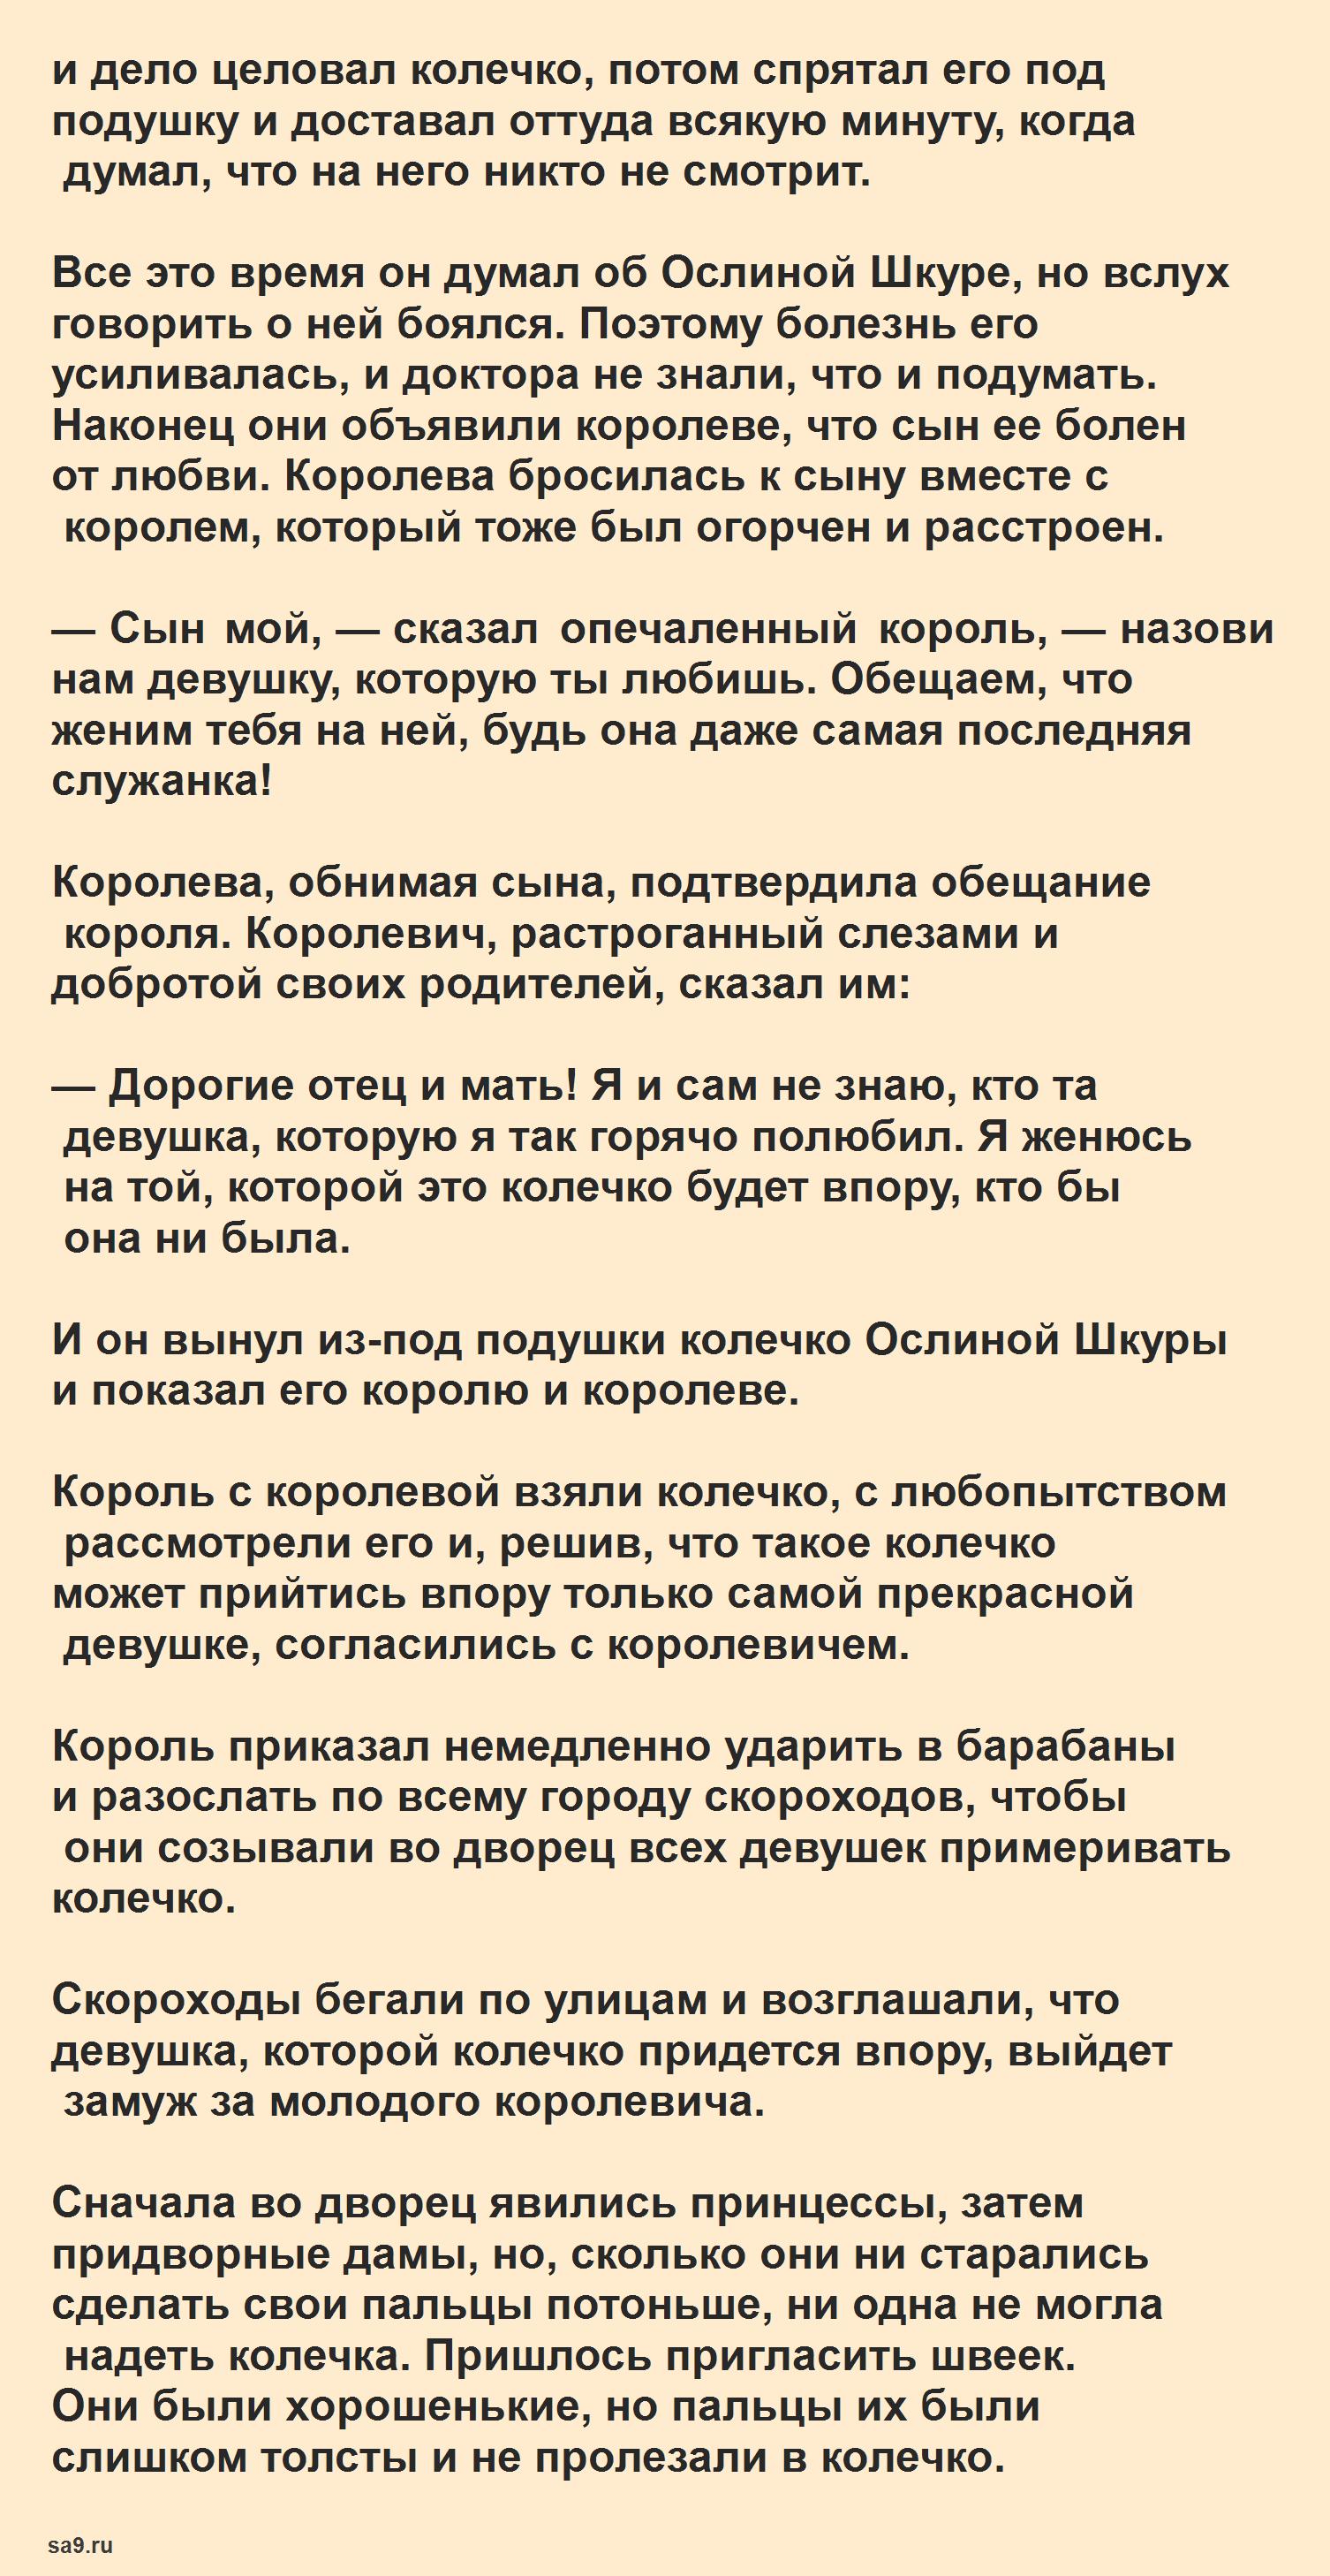 Читать сказку - Ослиная шкура, Шарля Перро